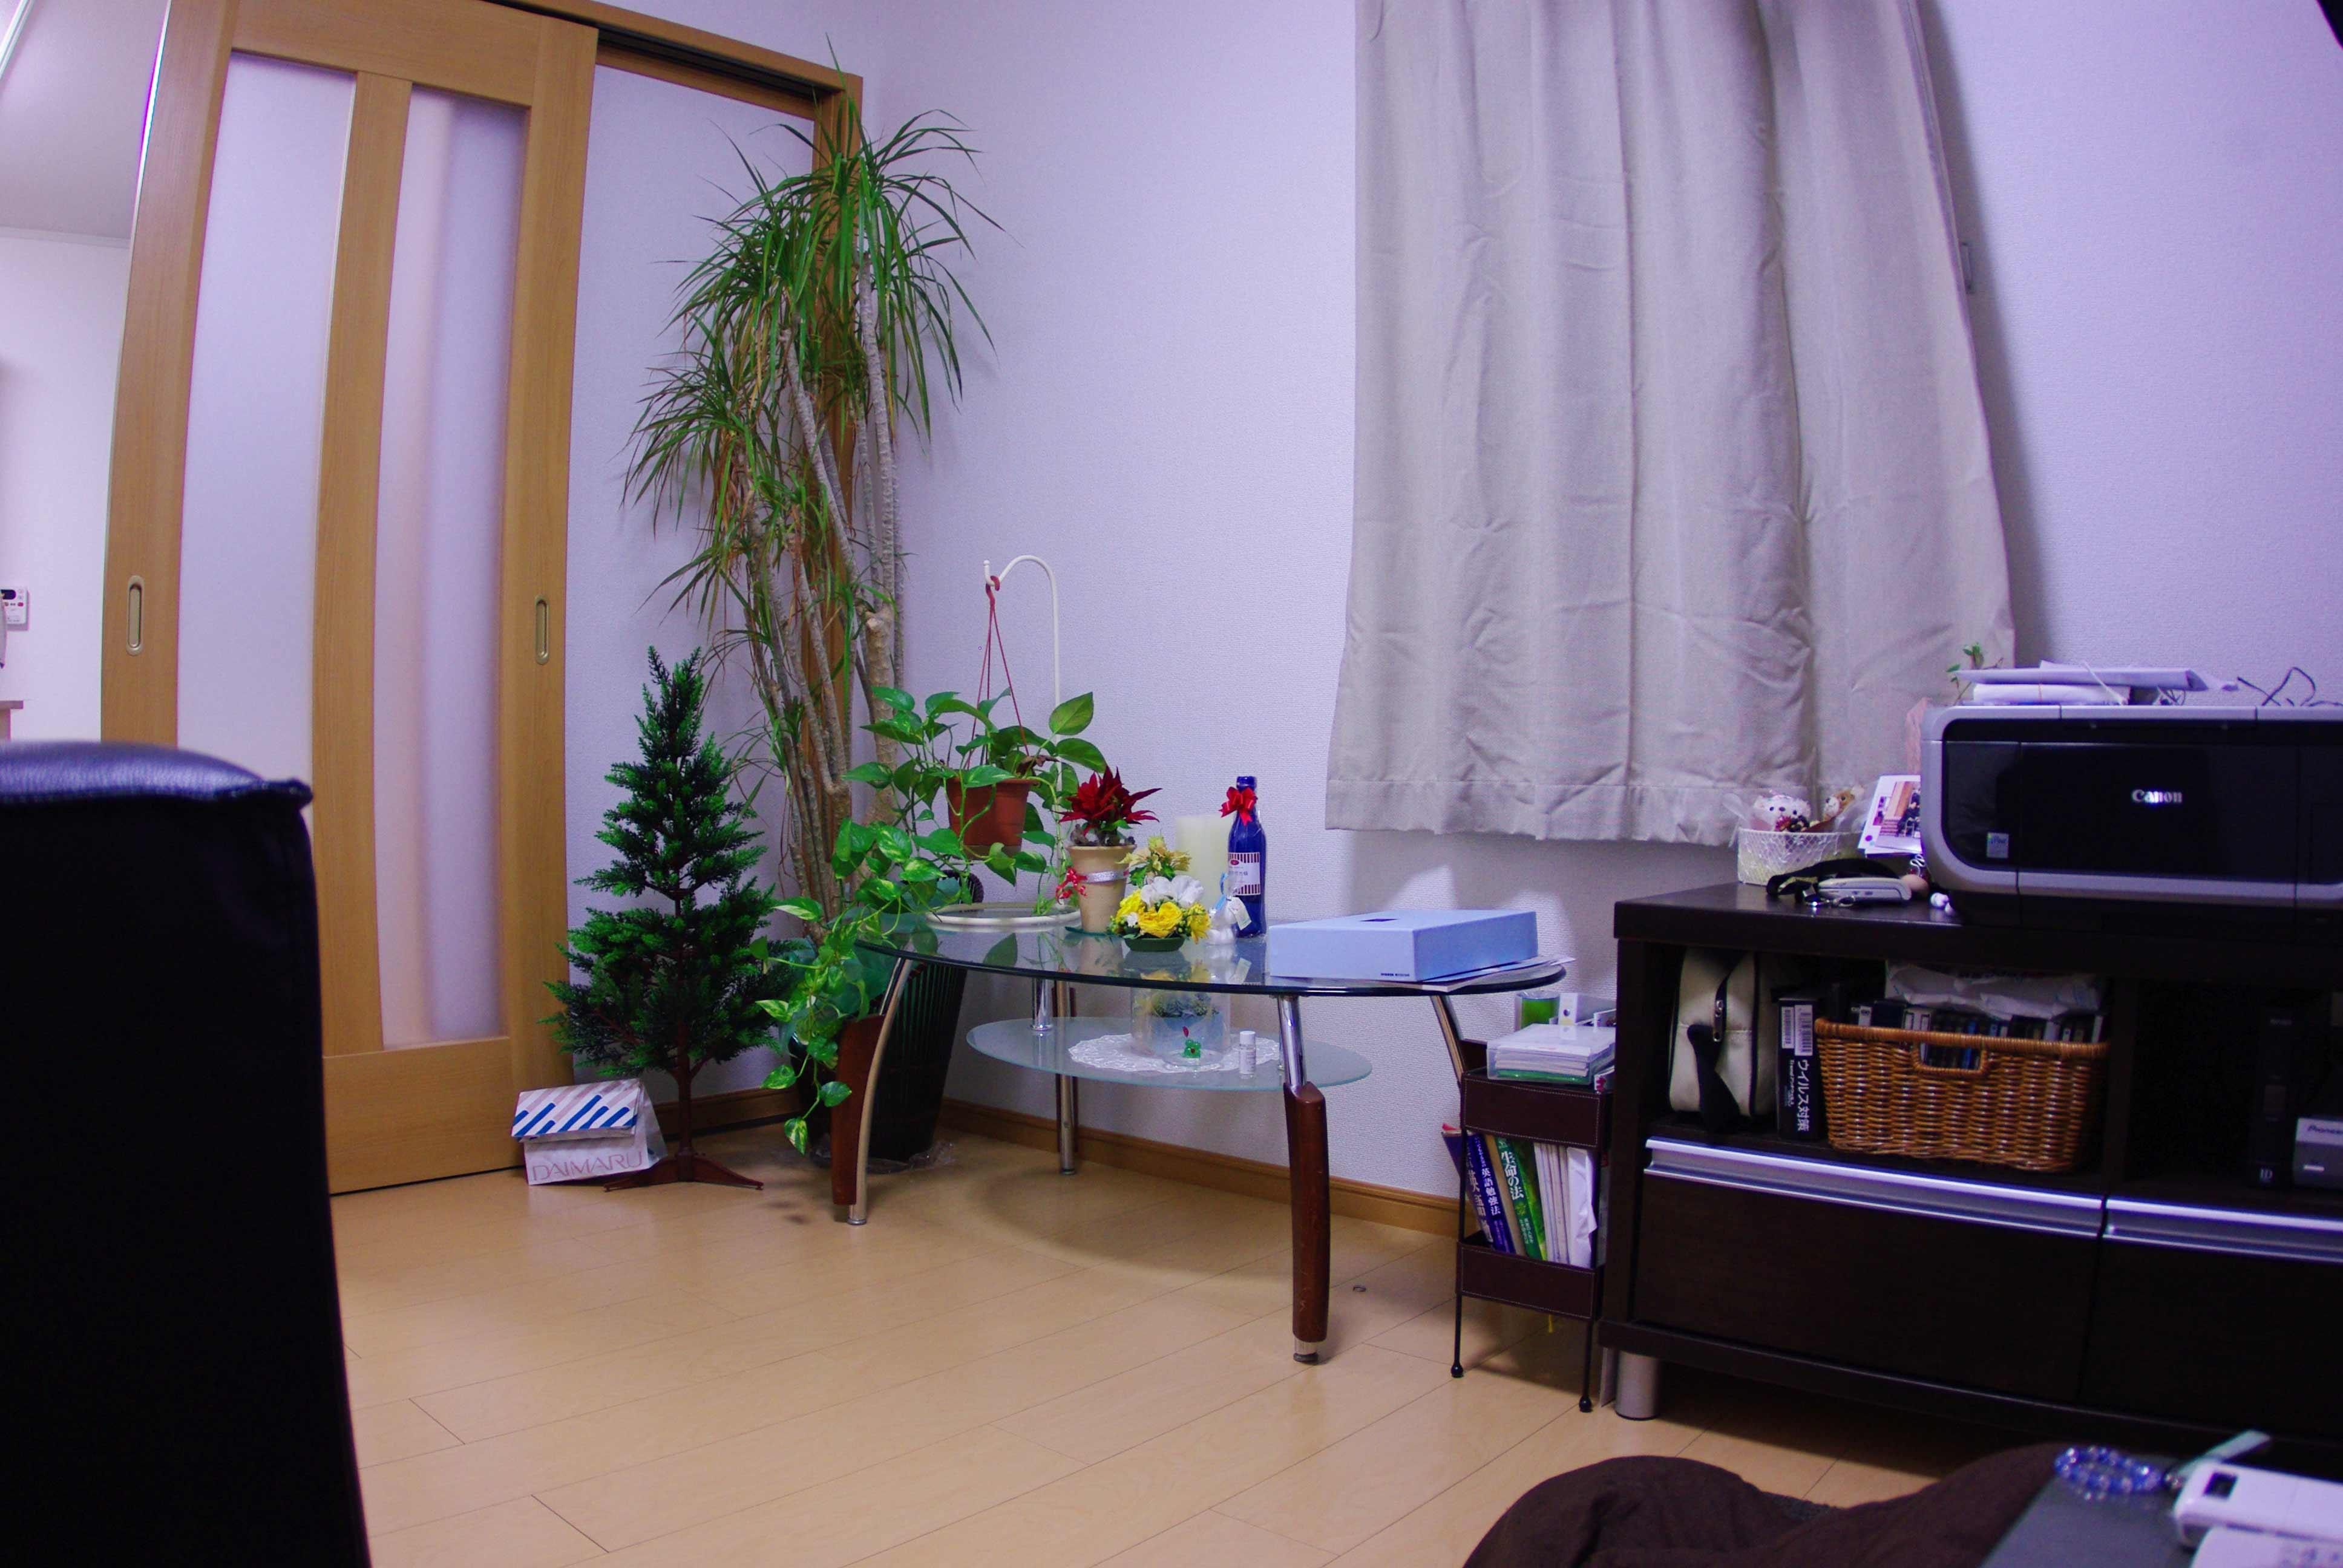 f0194243_20352654.jpg